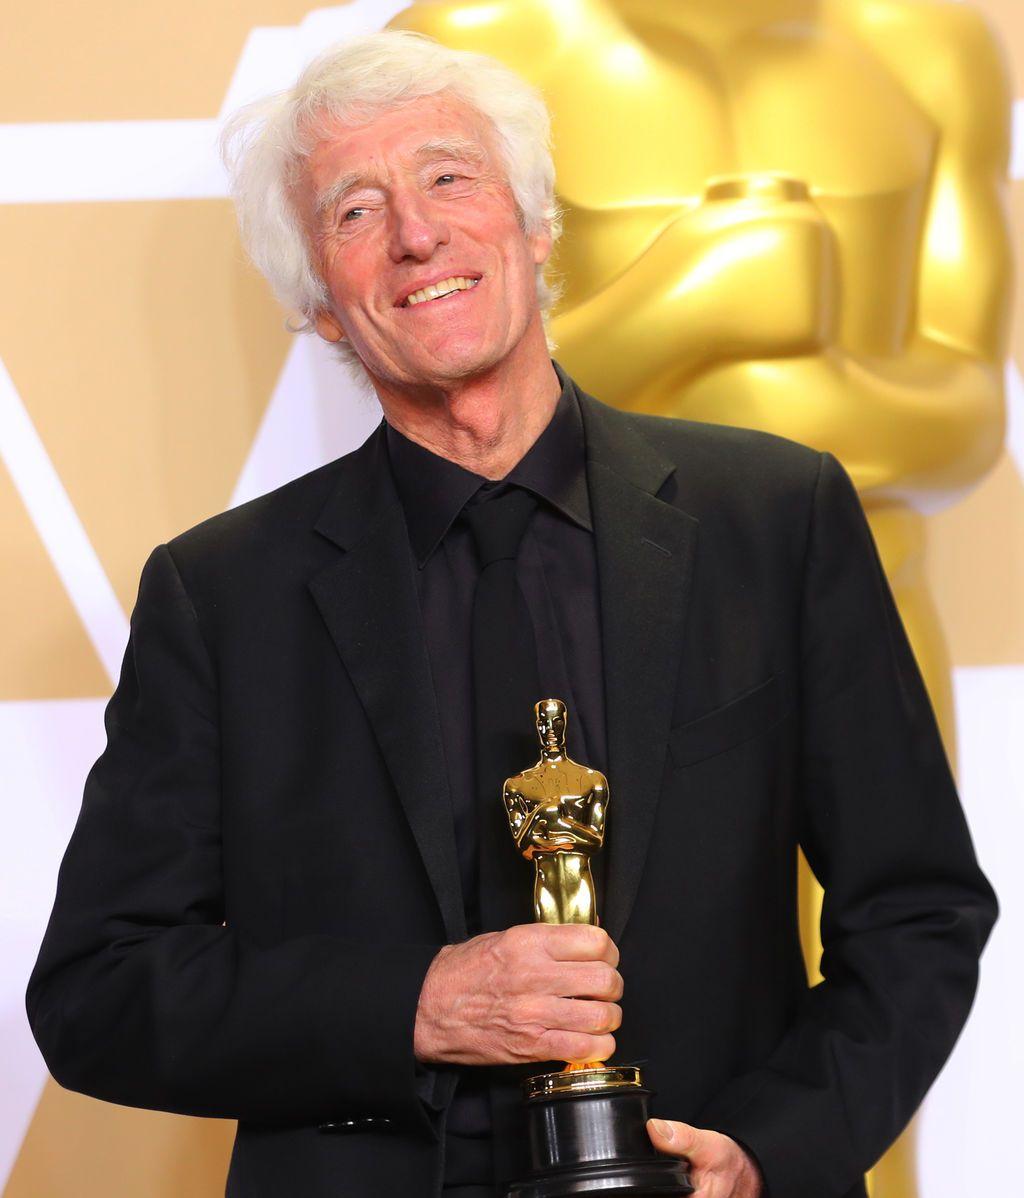 Roger Deakins ha ganado el Oscar a mejor fotografía por su trabajo en 'Blade Runner 2049'